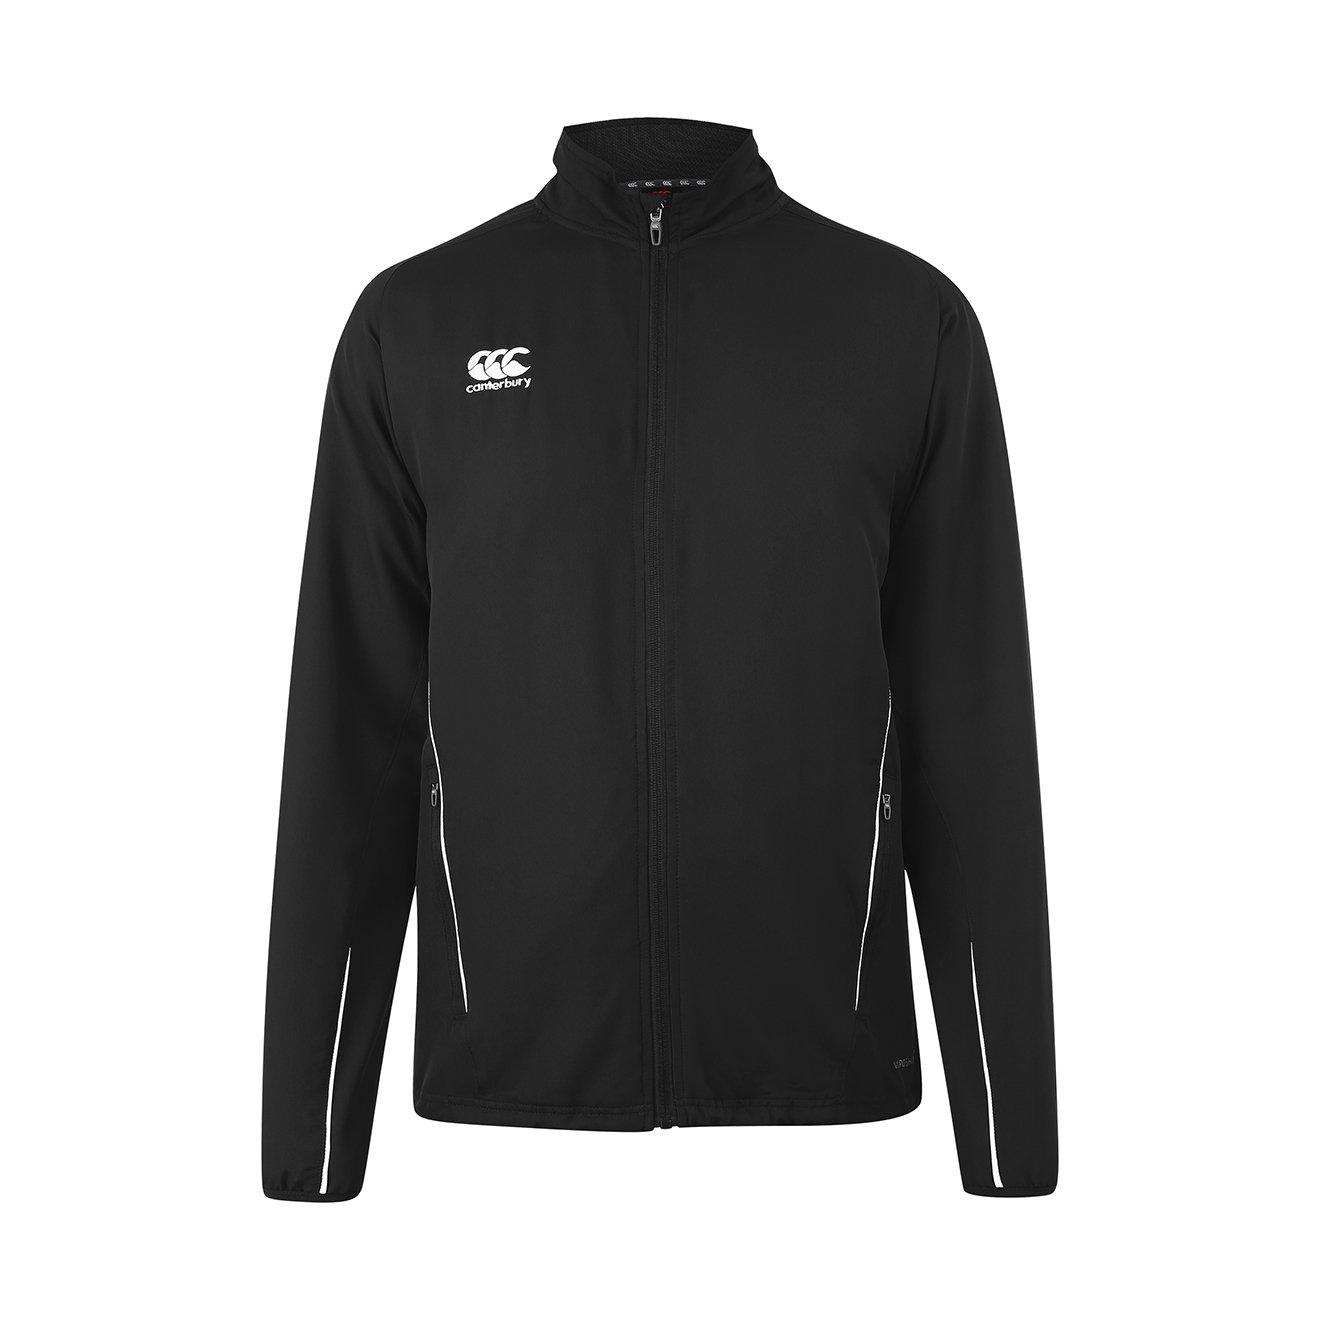 カンタベリーチームトラックジャケット – Senior B01BPJGBMA Small|ブラック/ホワイト ブラック/ホワイト Small